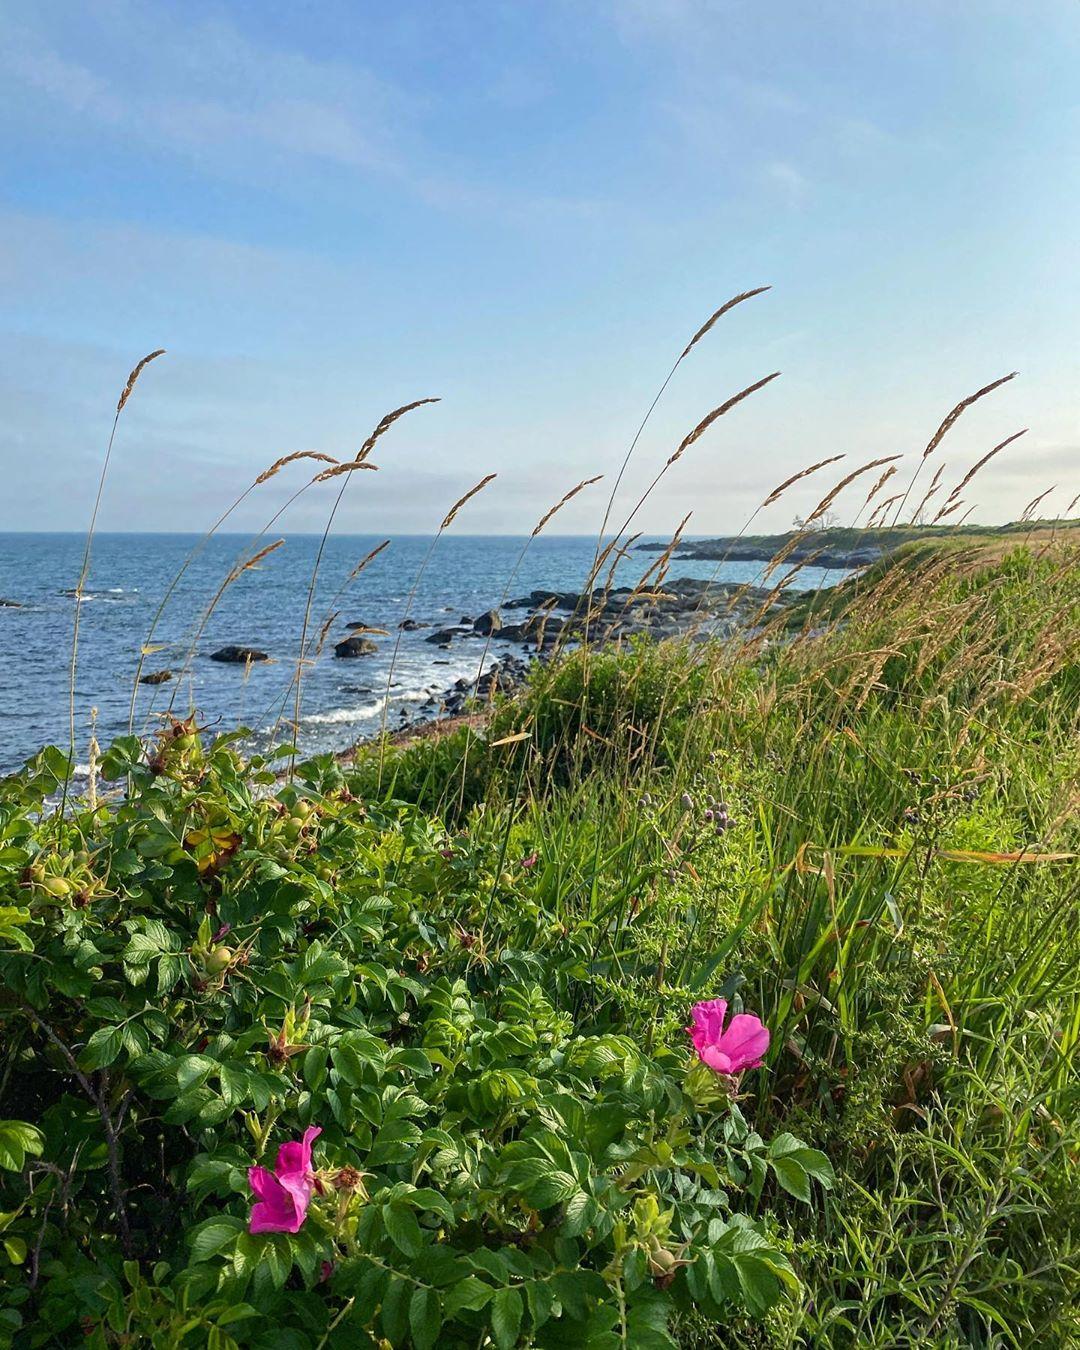 Sachuest Point in Rhode Island